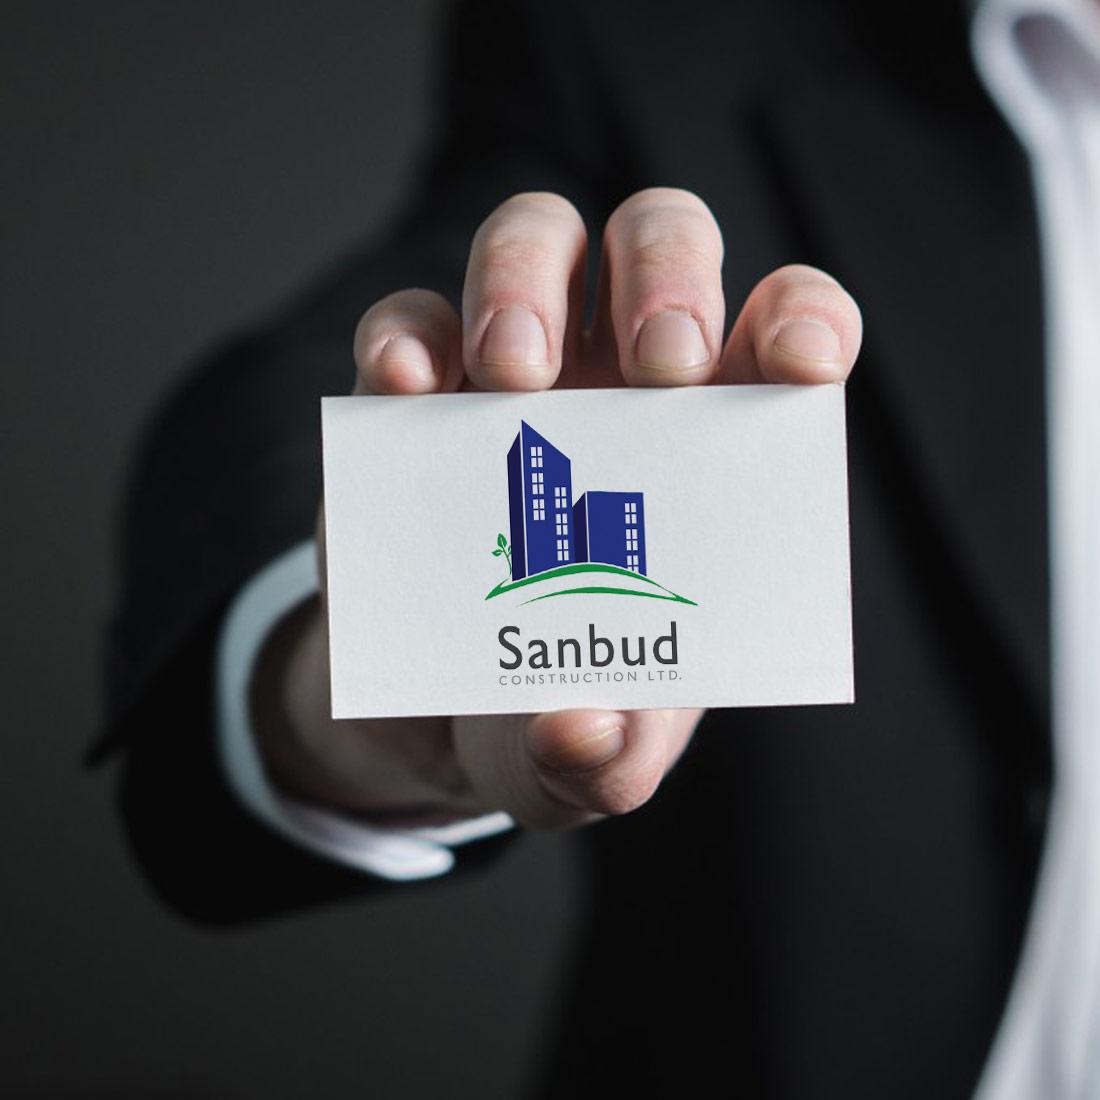 Sanbud